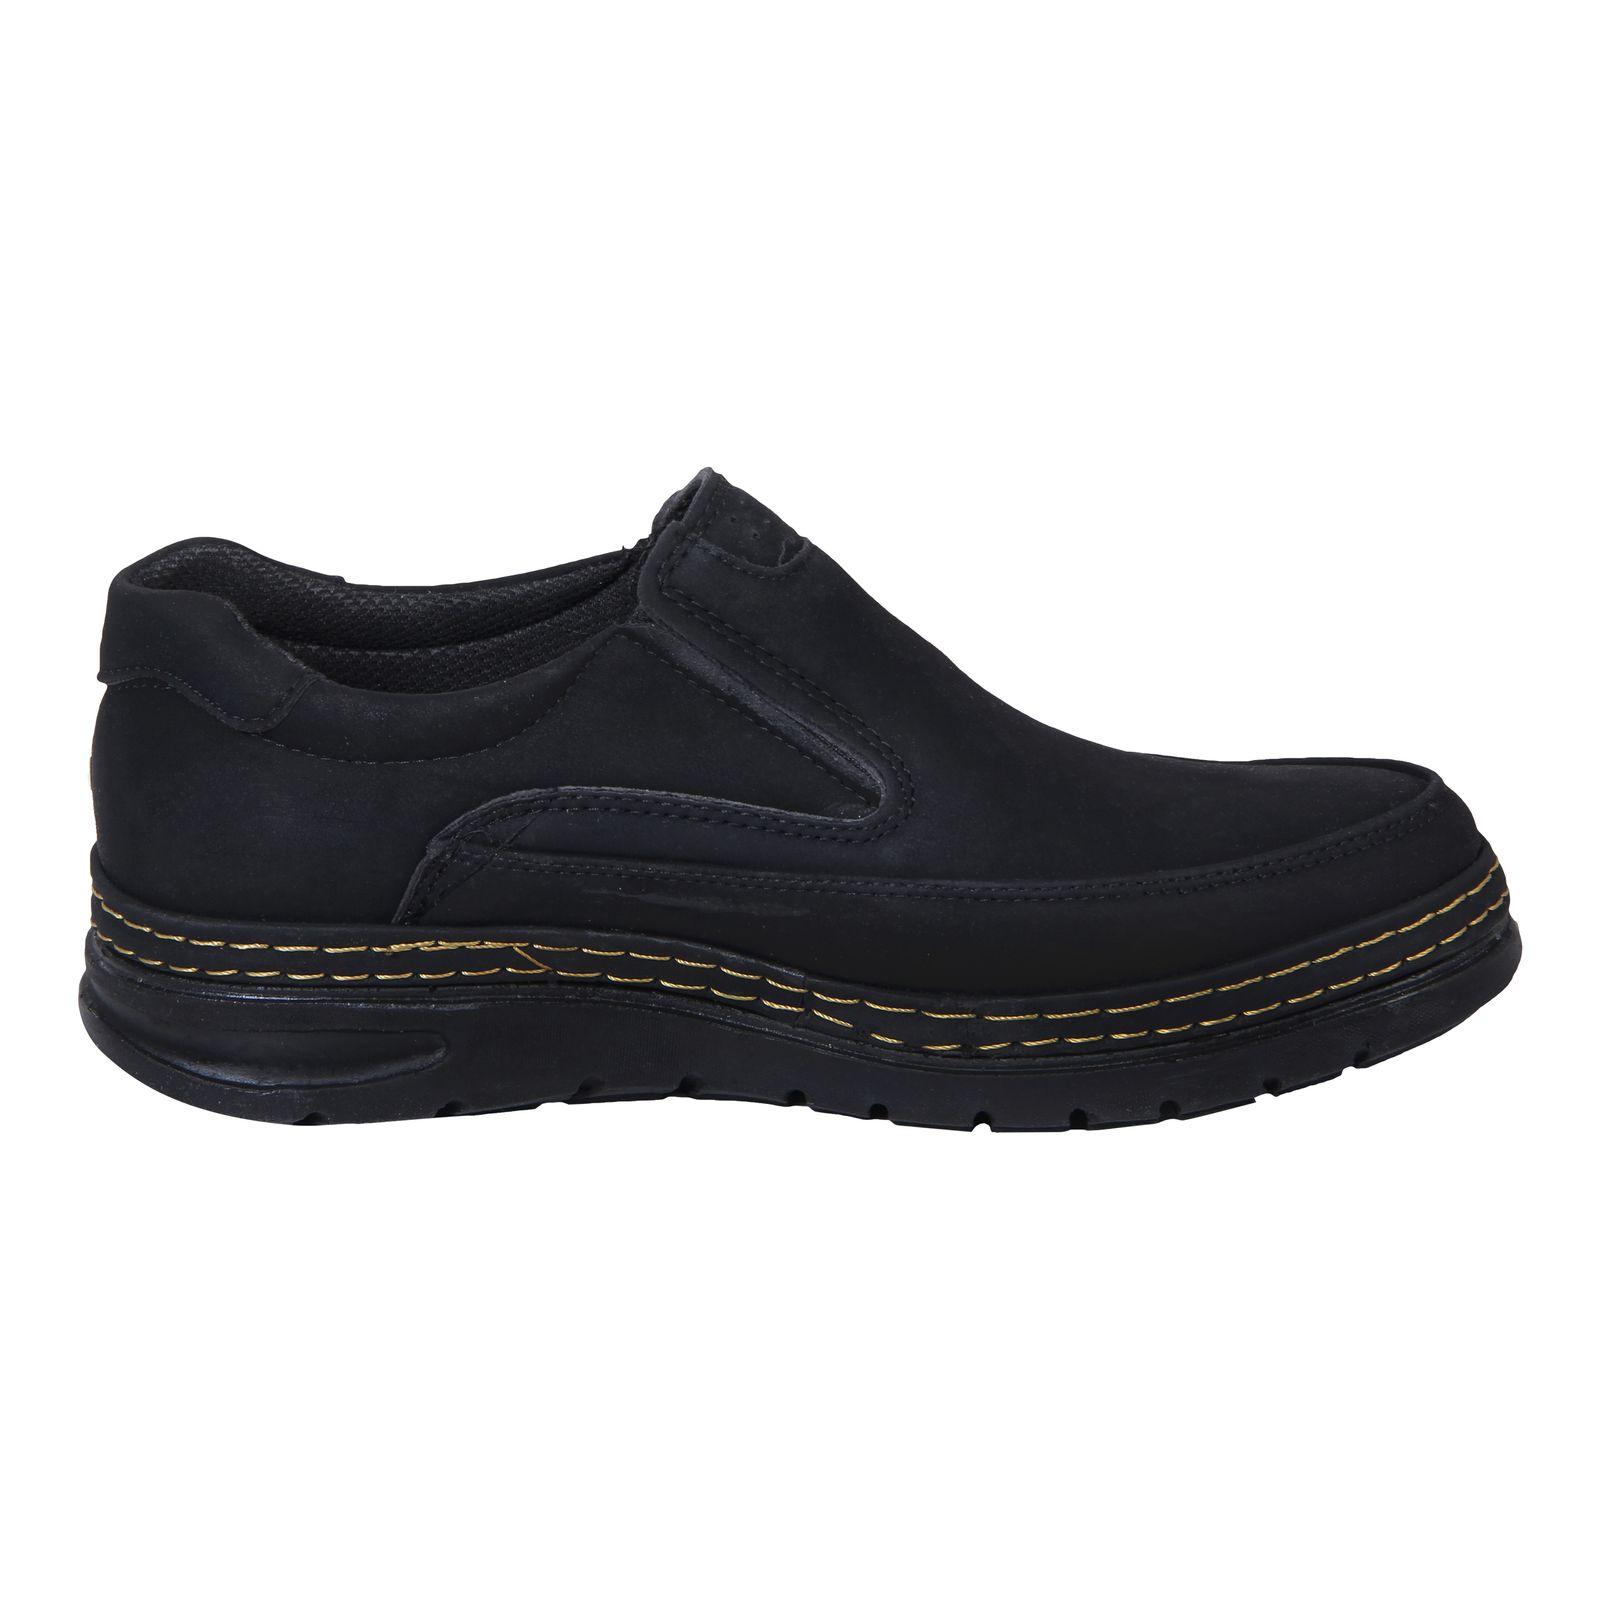 کفش روزمره مردانه کد 1-39973 -  - 3